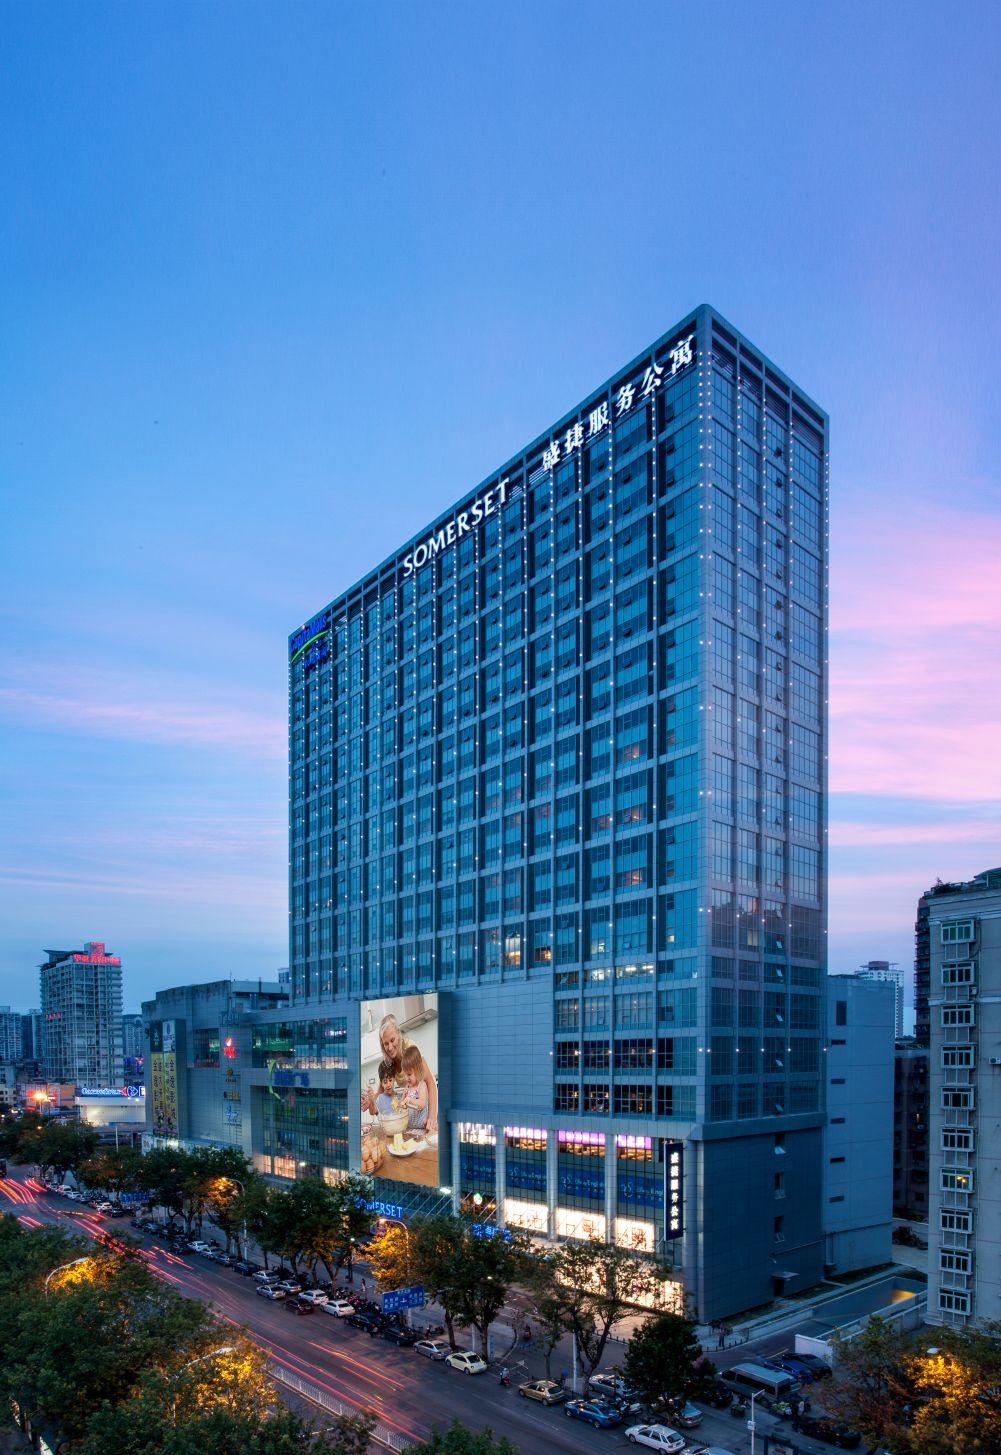 武汉馨乐庭酒店_武汉馨乐庭沌口服务公寓 | 凯德官网